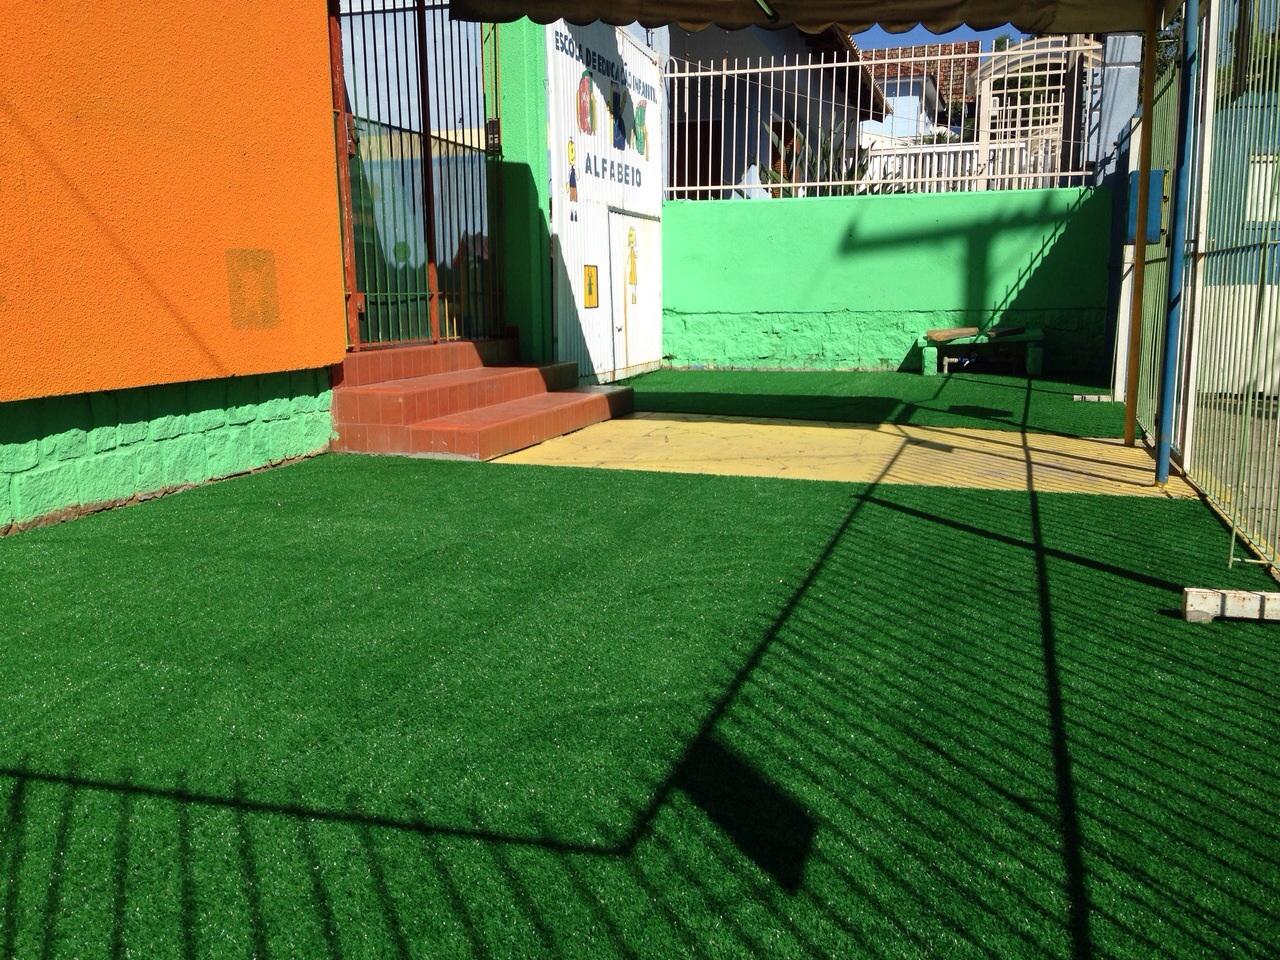 Escola de Educação Infantil Alfabeto - Grama sintética decorativa - Porto Alegre / Rio Grande do Sul